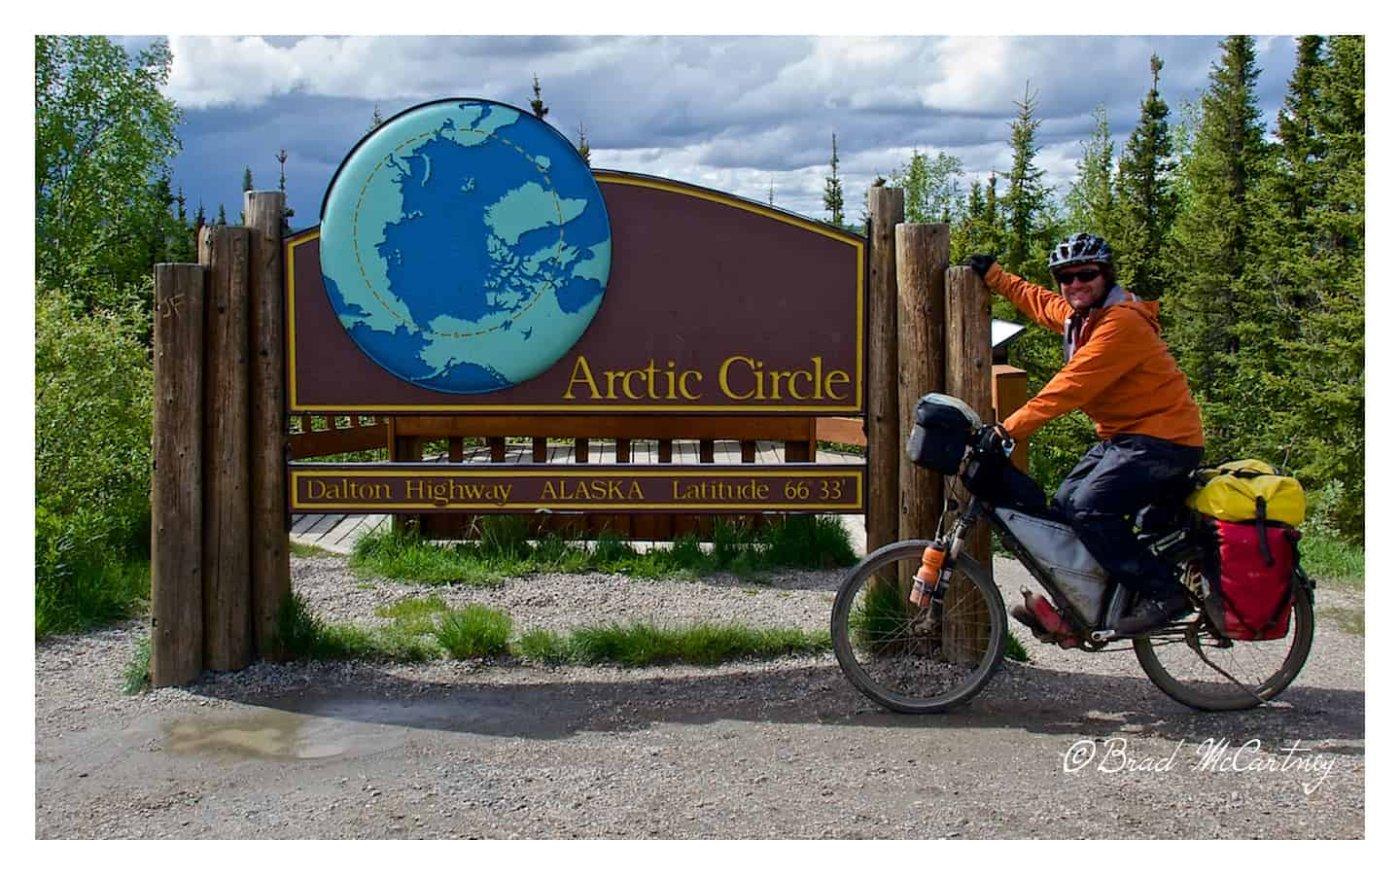 Arctic circle Cycling the dalton highway